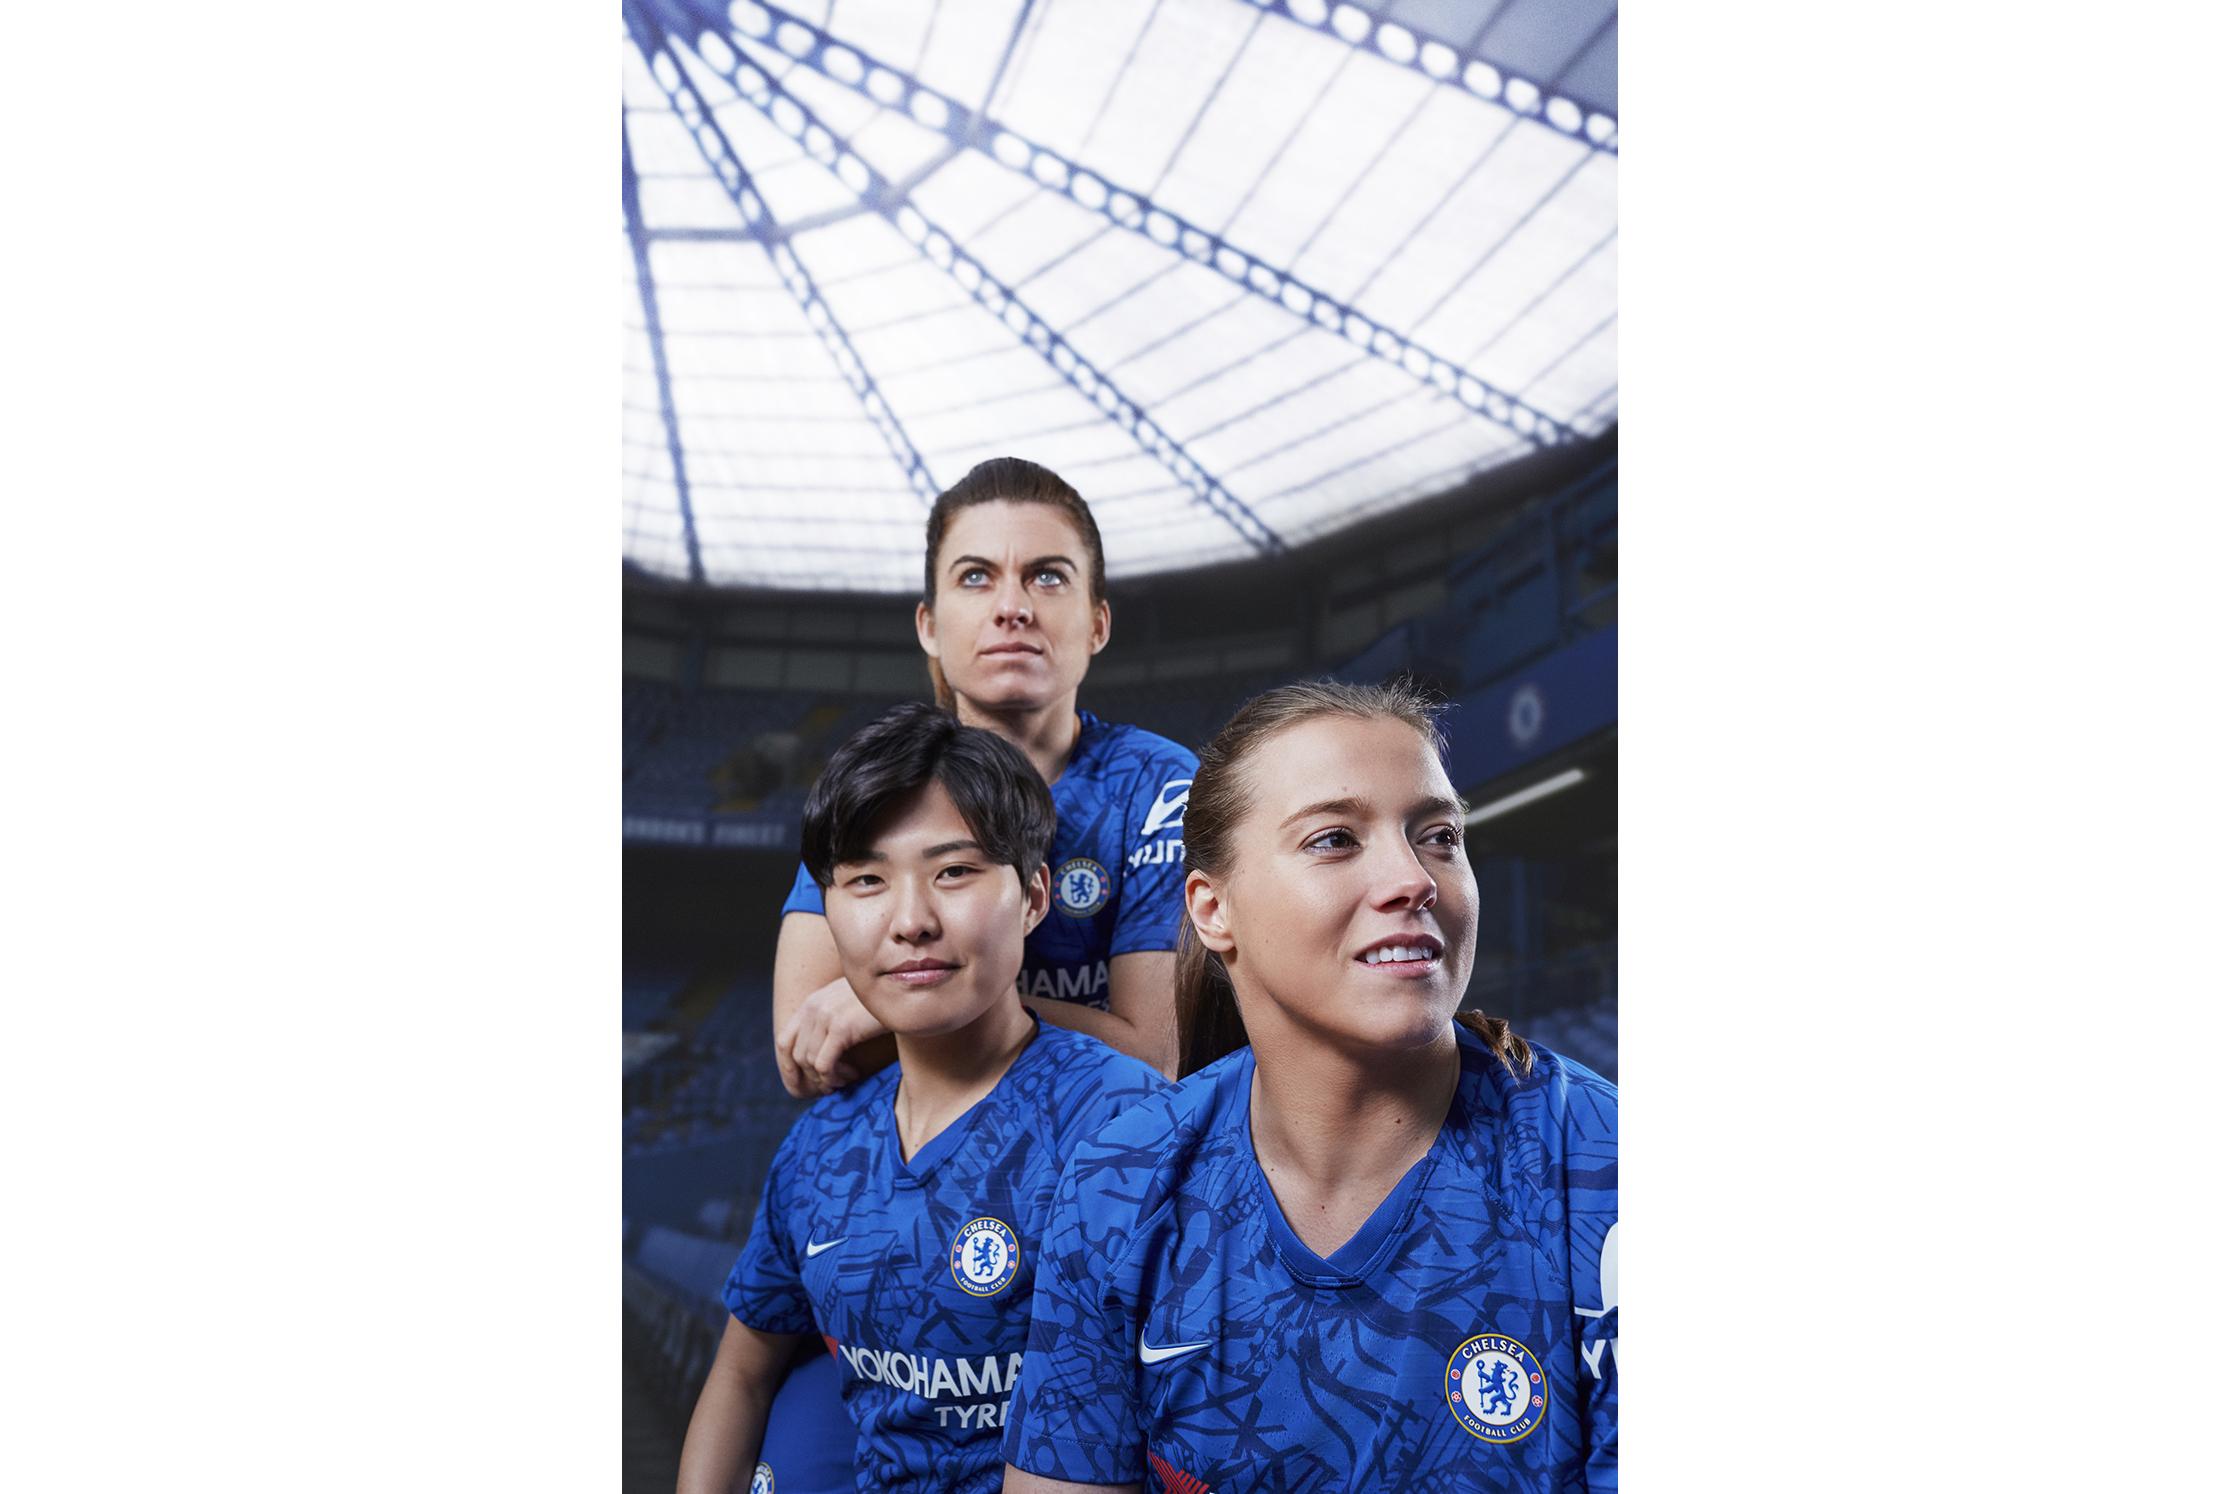 Nike_ChelseaFC_HomeKit_2019-20_2_87526